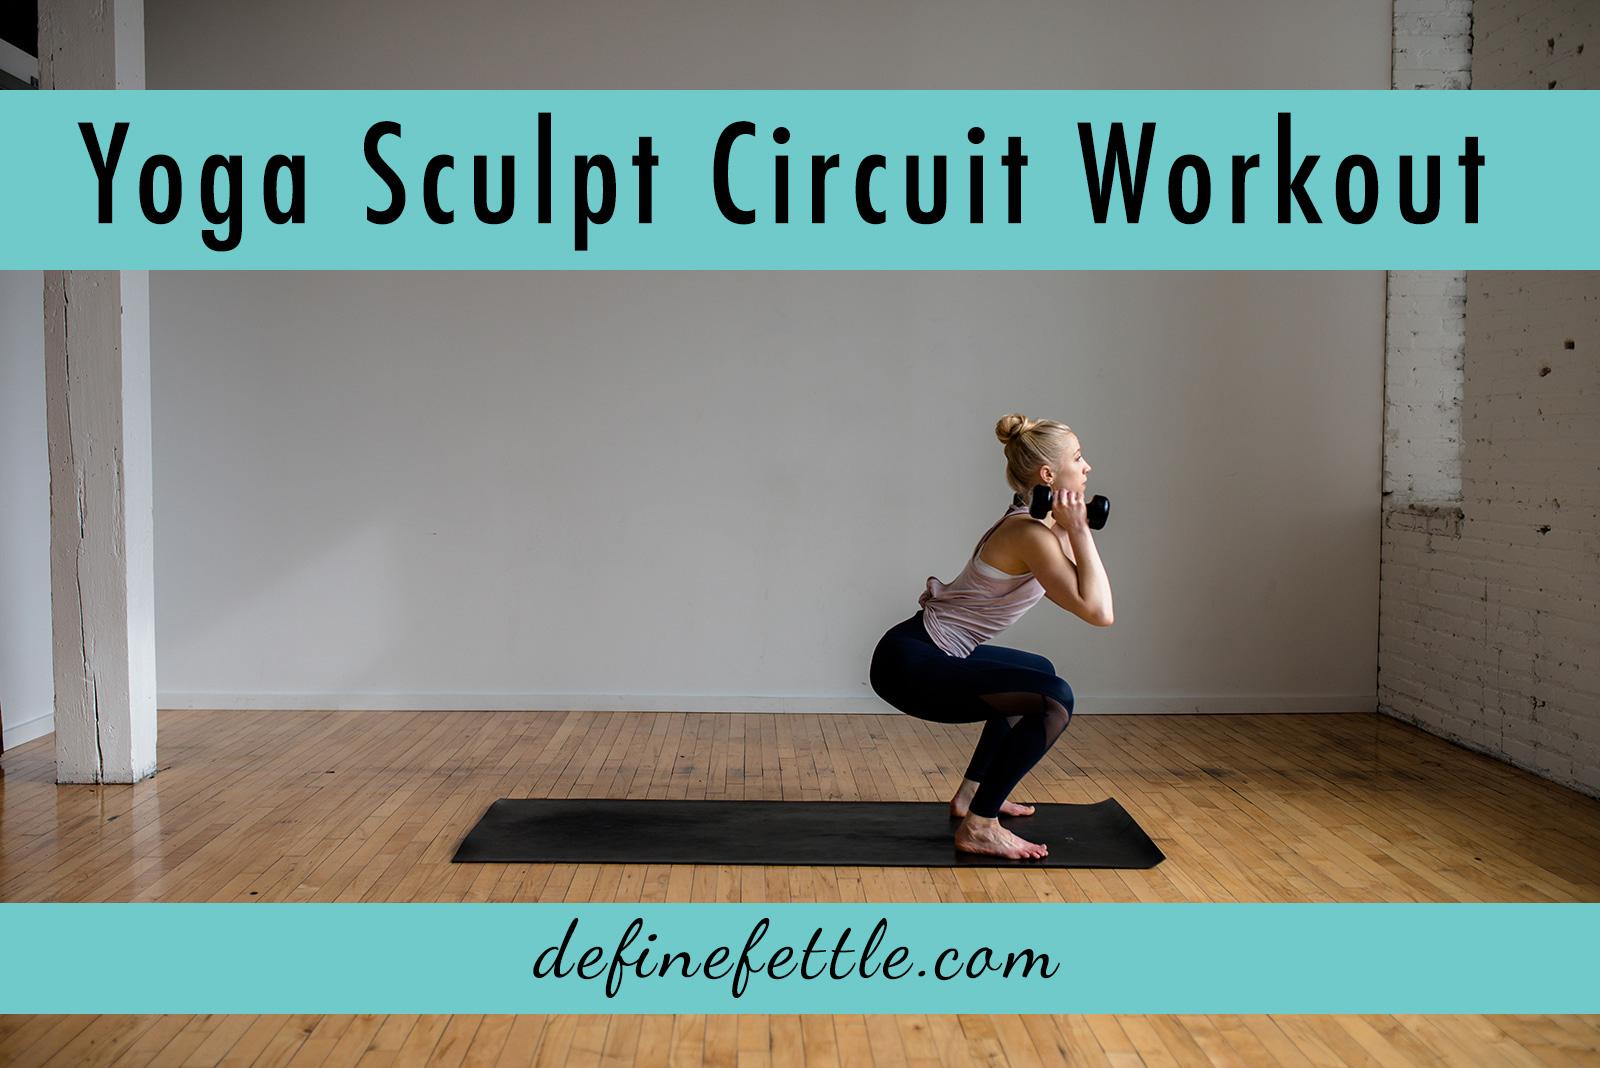 Define Fettle, Yoga Sculpt Circuit Workout, Home Workout, 30 Minute Workout, Circuit, Workout, Fitness, Minneapolis,